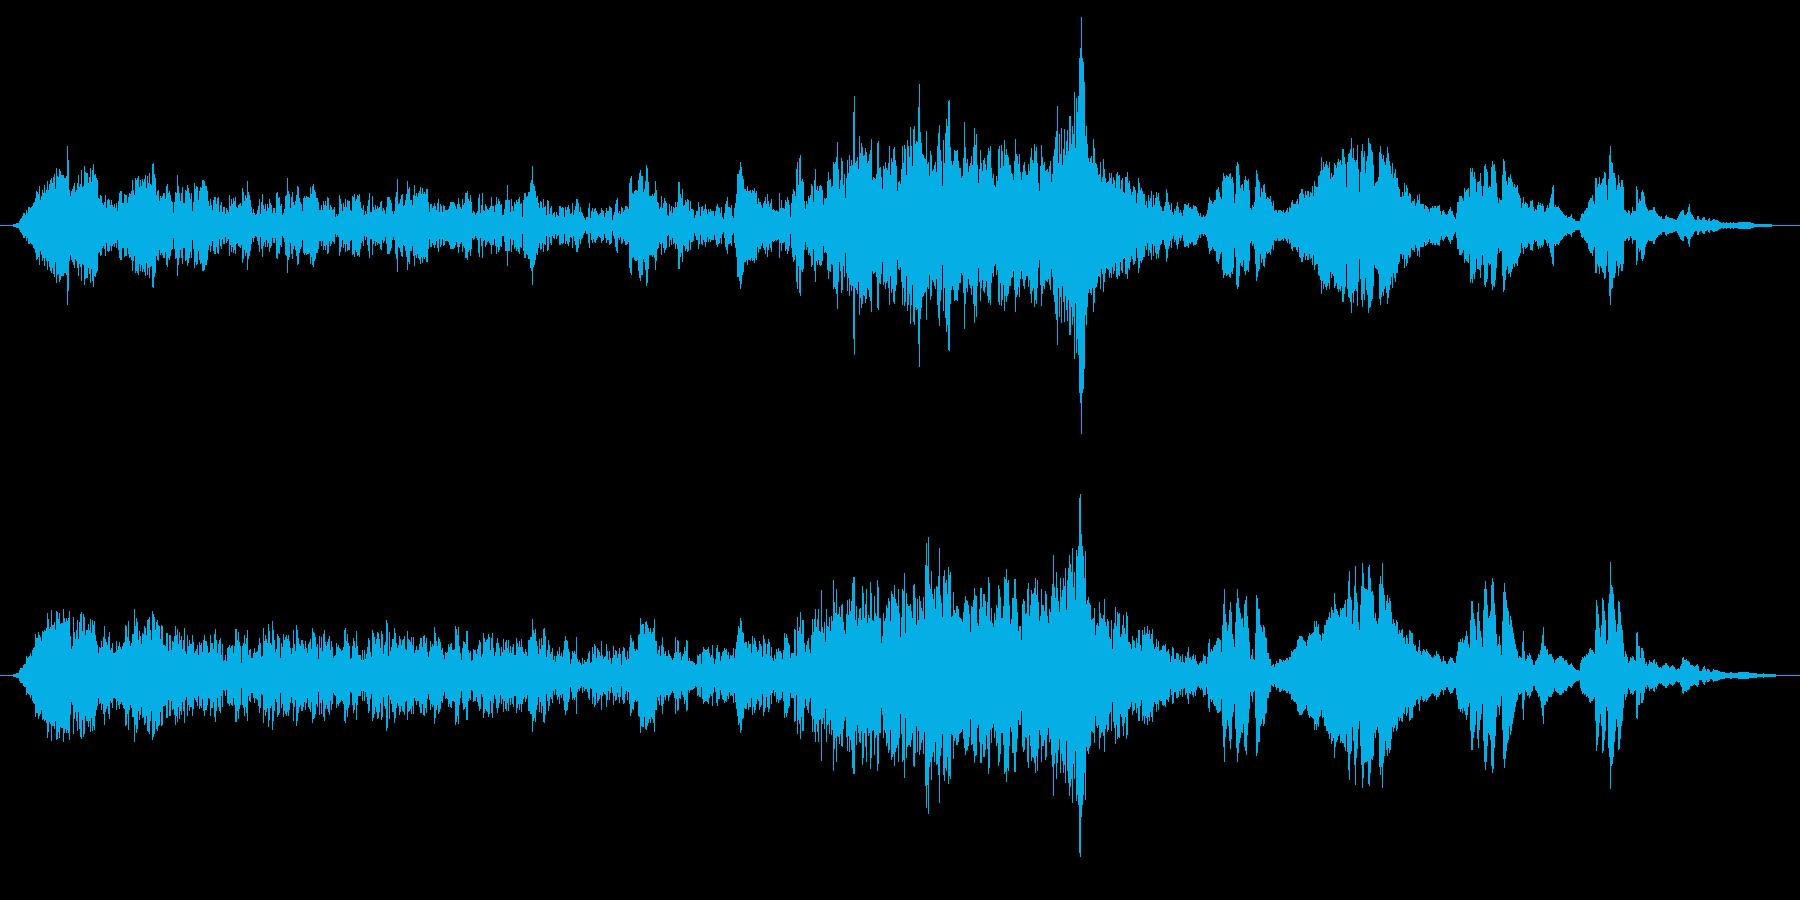 ミステリー、ホラー向きアンビエント楽曲の再生済みの波形